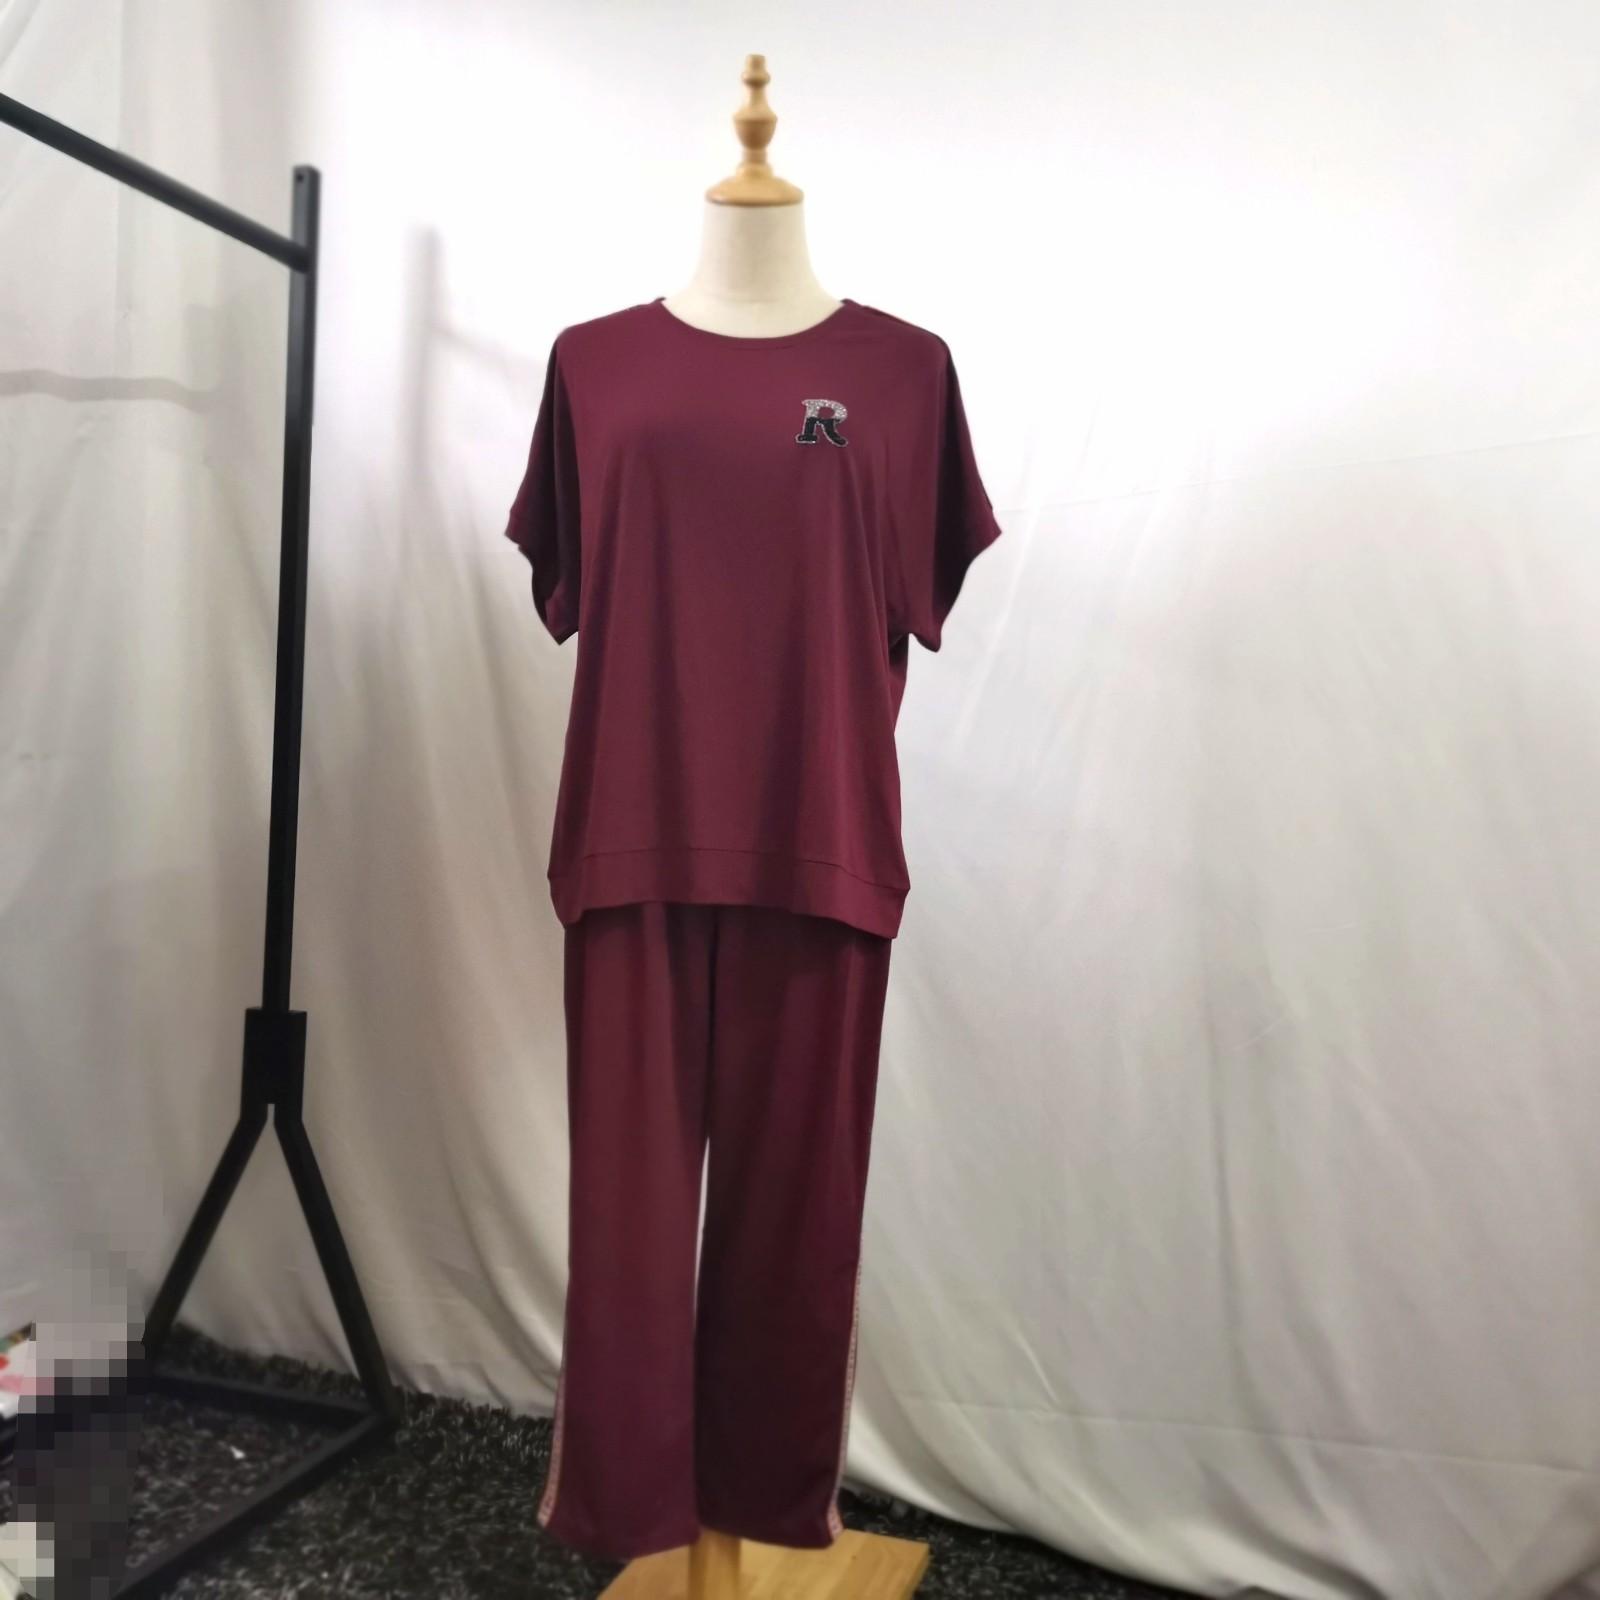 高档天丝罗马裤子夏季件套2019新款两套装大码宽松v裤子女士上衣